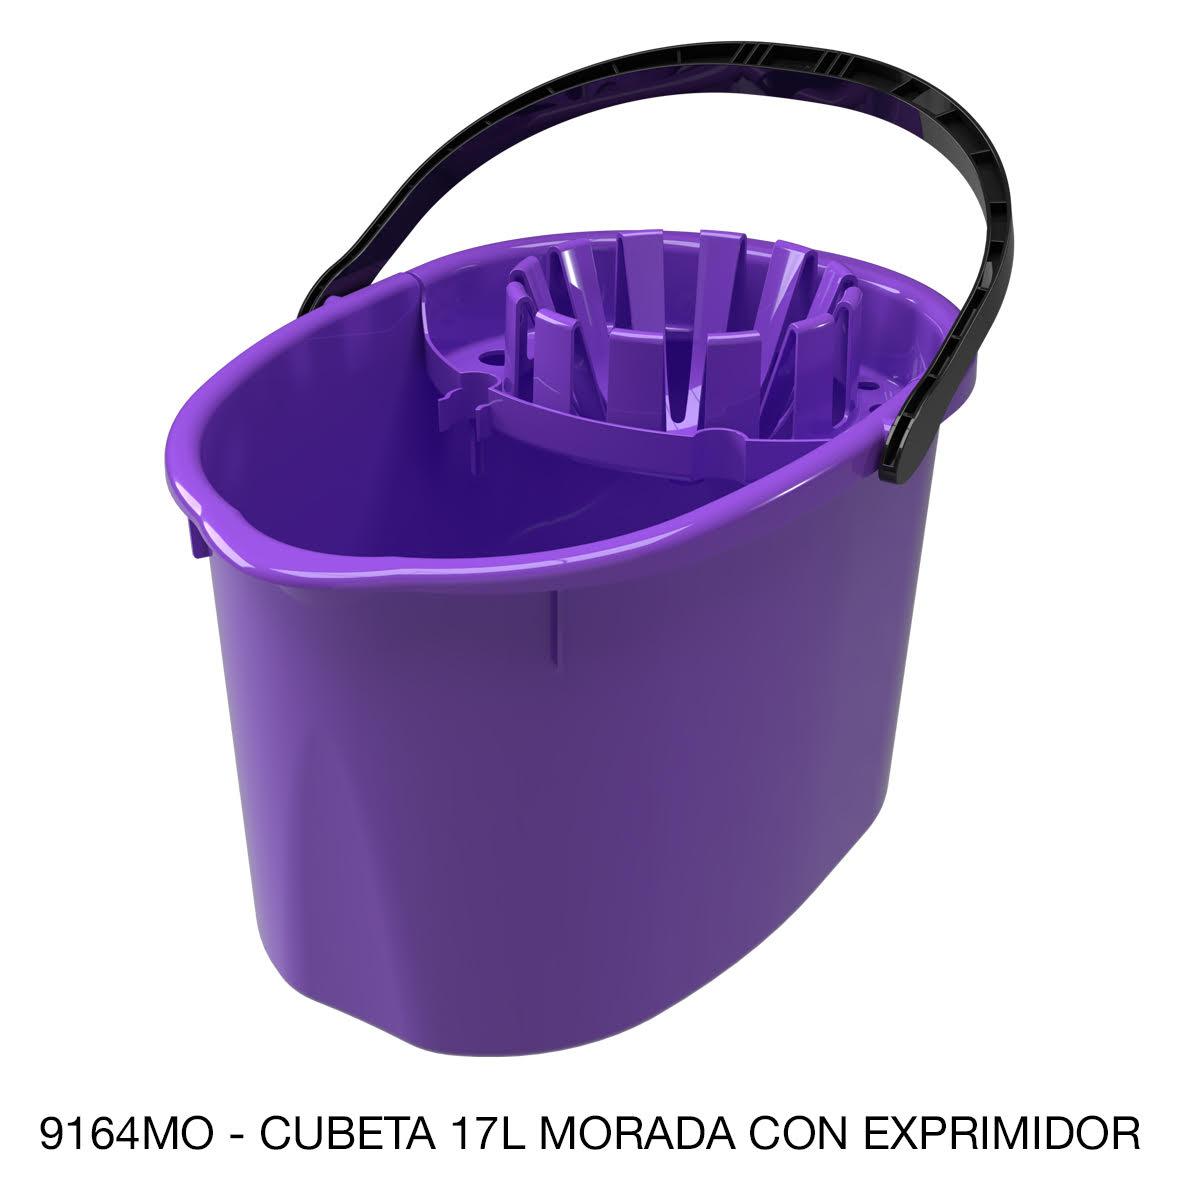 Cubeta de 17 litros con exprimidor color morado modelo 9164MO de Sablón